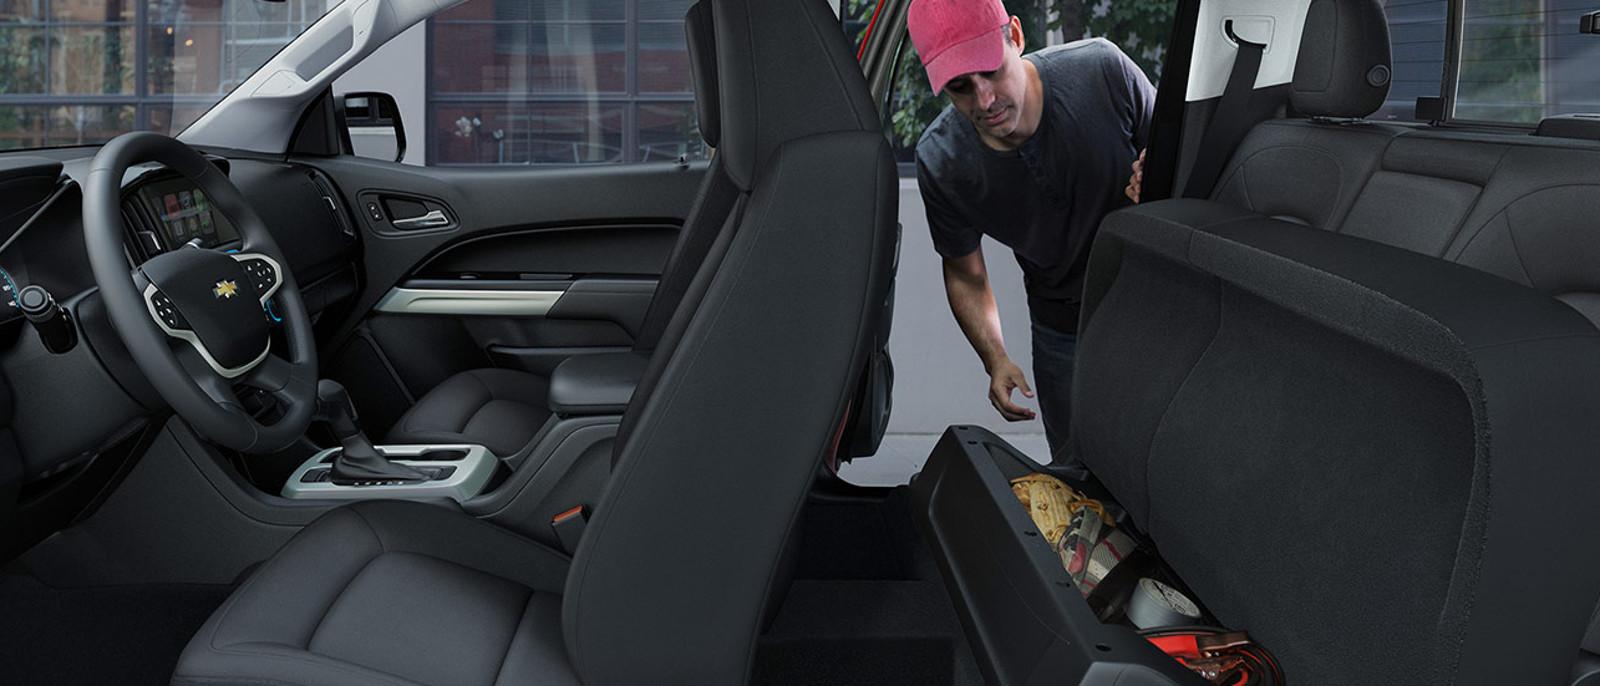 2016 Chevrolet Colorado Interior with Storage